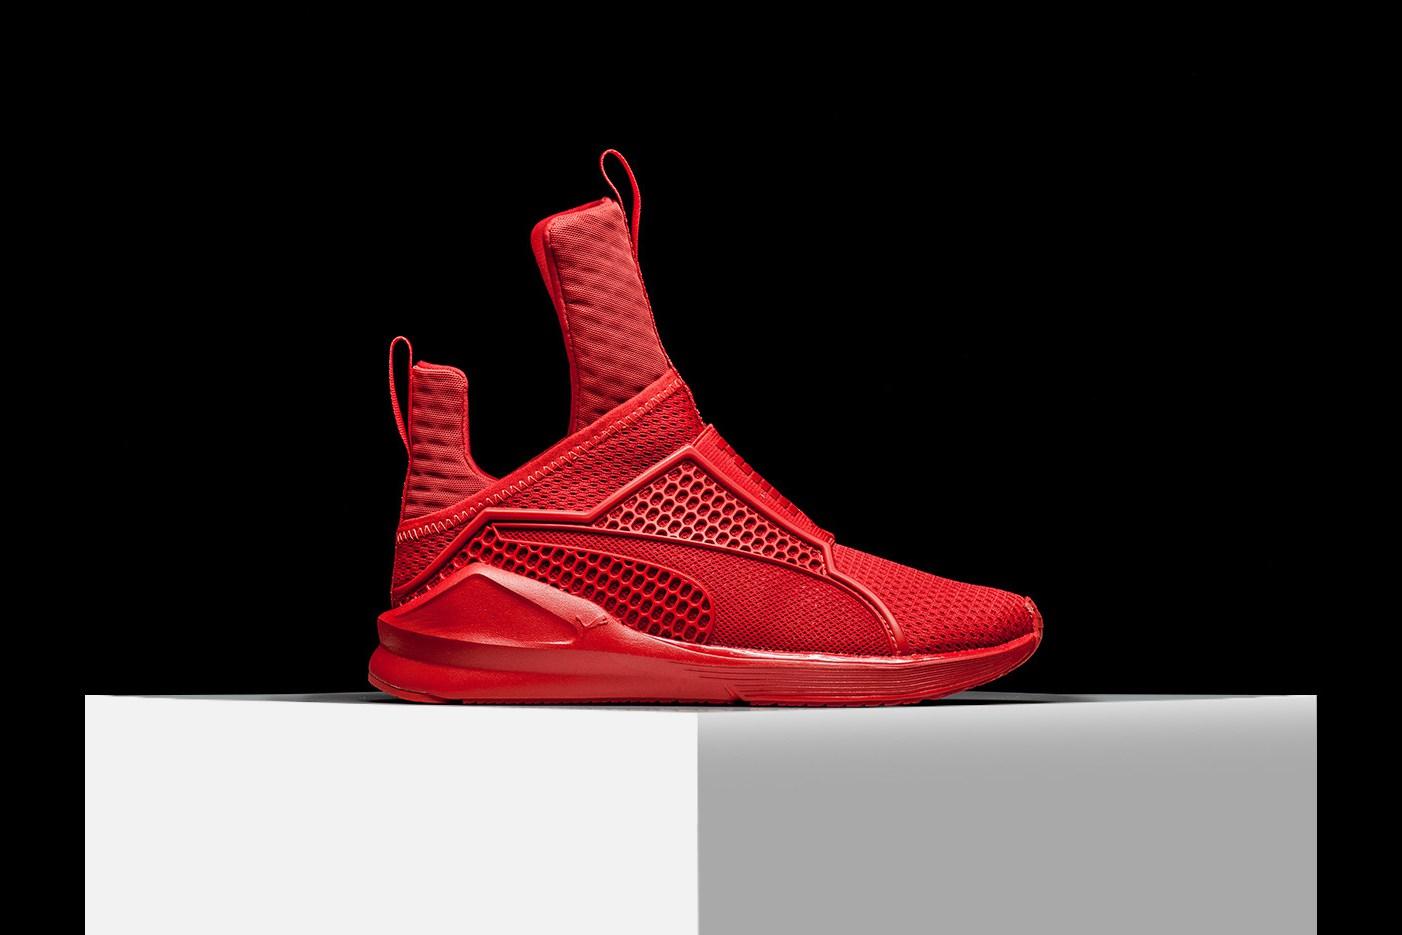 Rihanna New Fenty Shoes